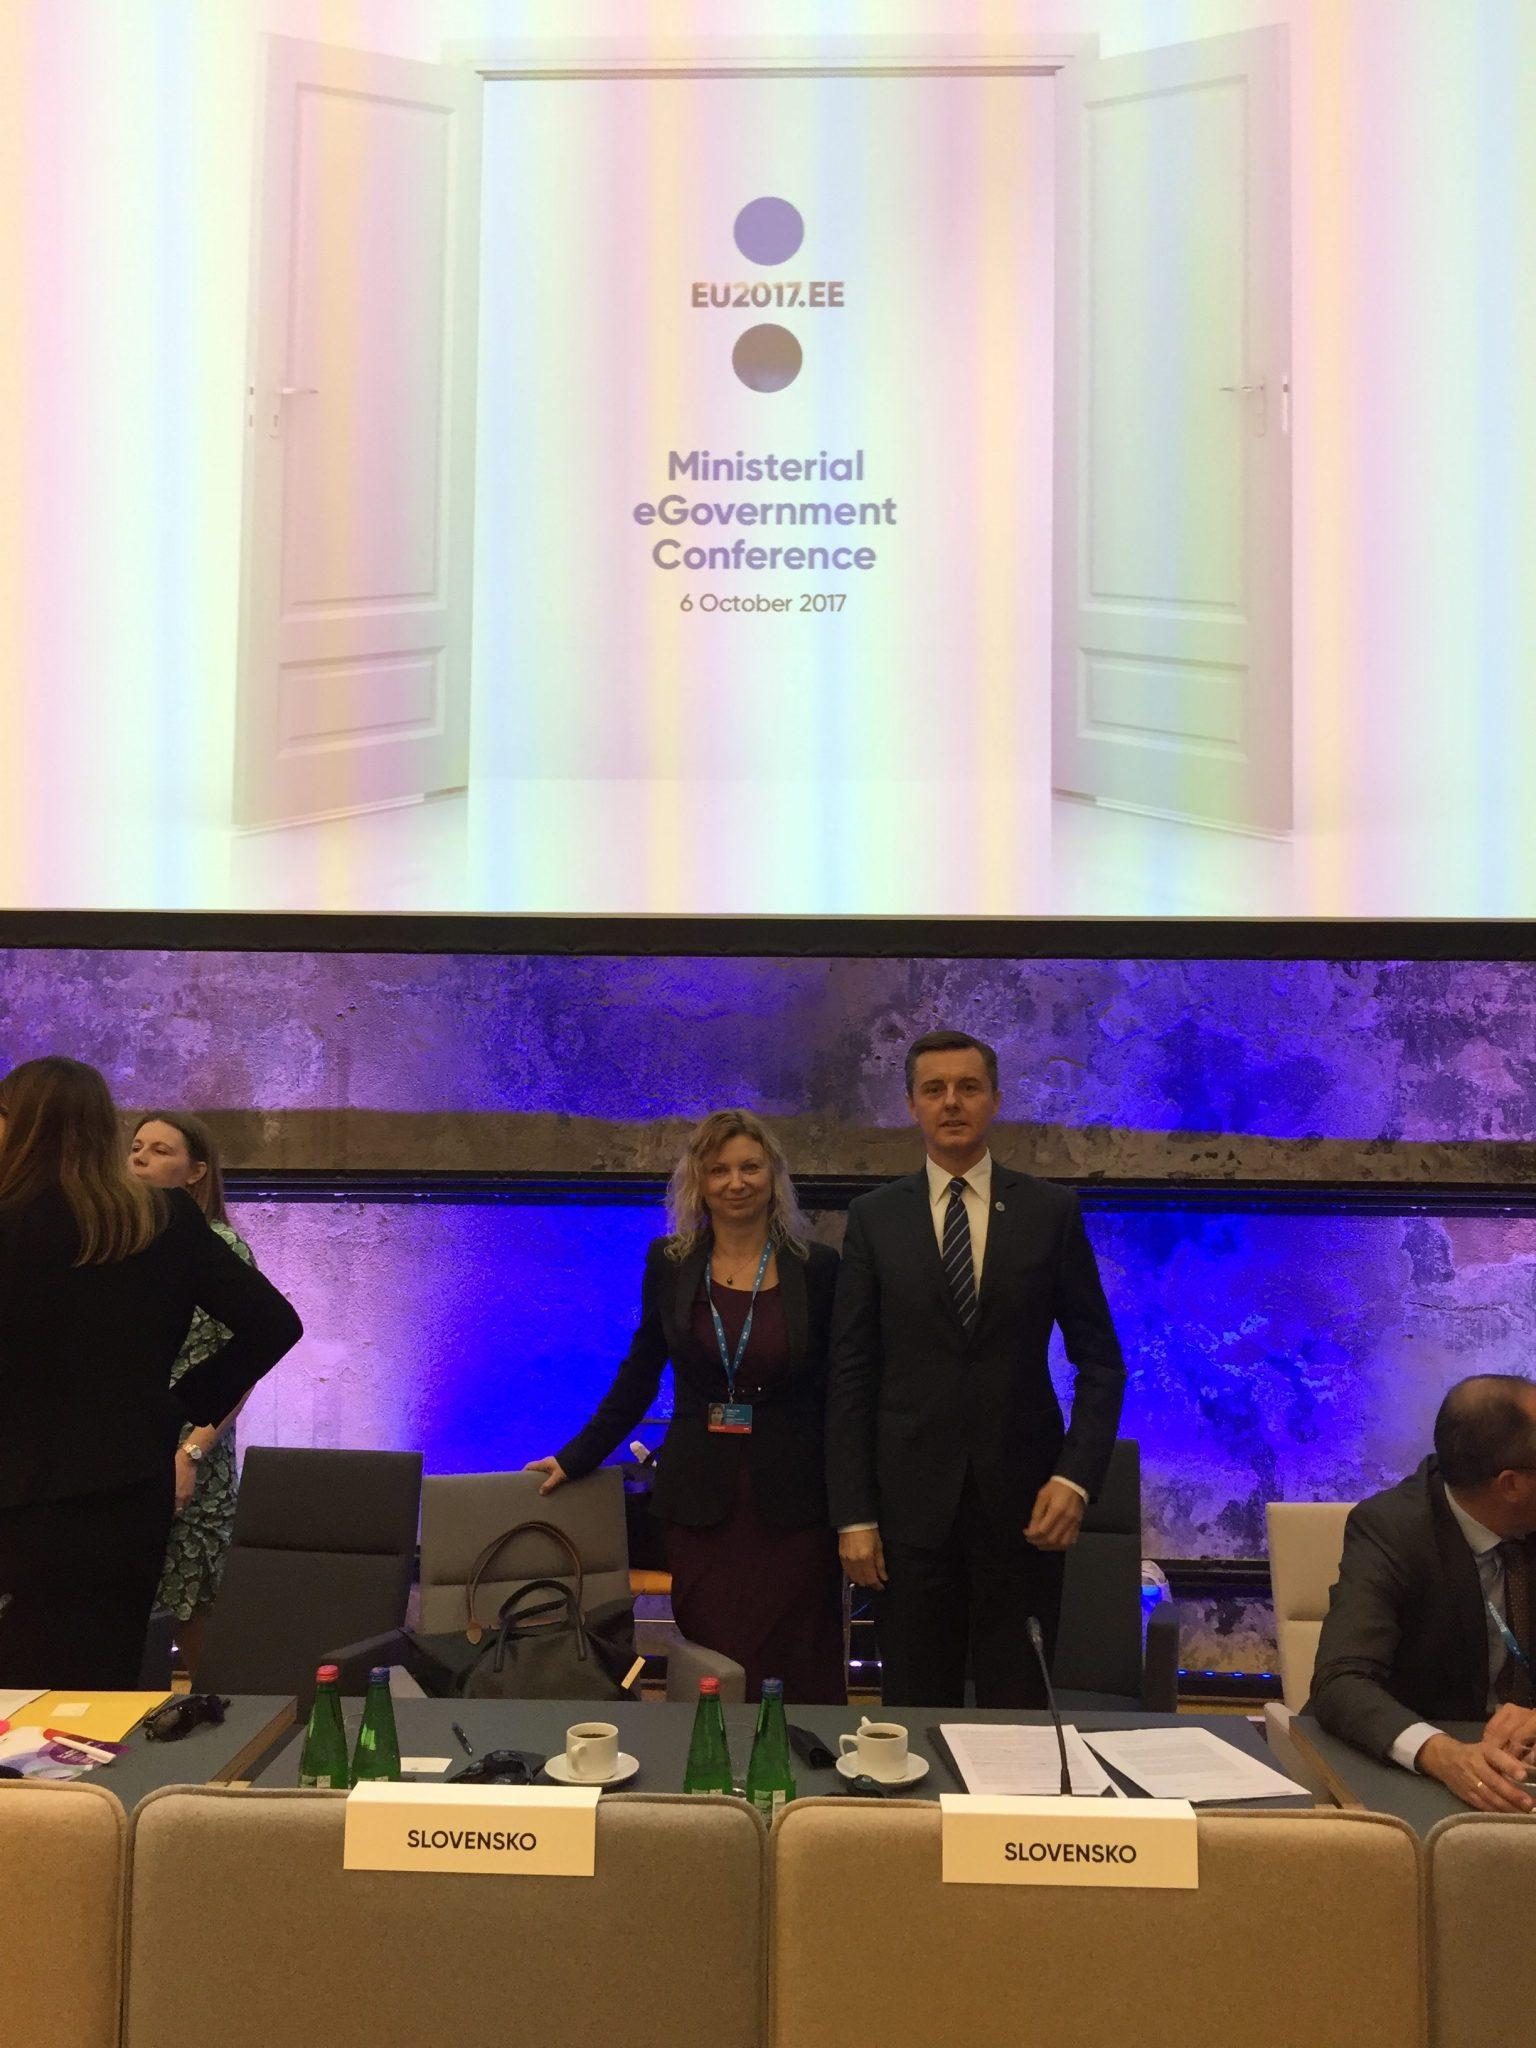 Podpisom Tallinnskej deklarácie sa približujeme k digitálnej Európe